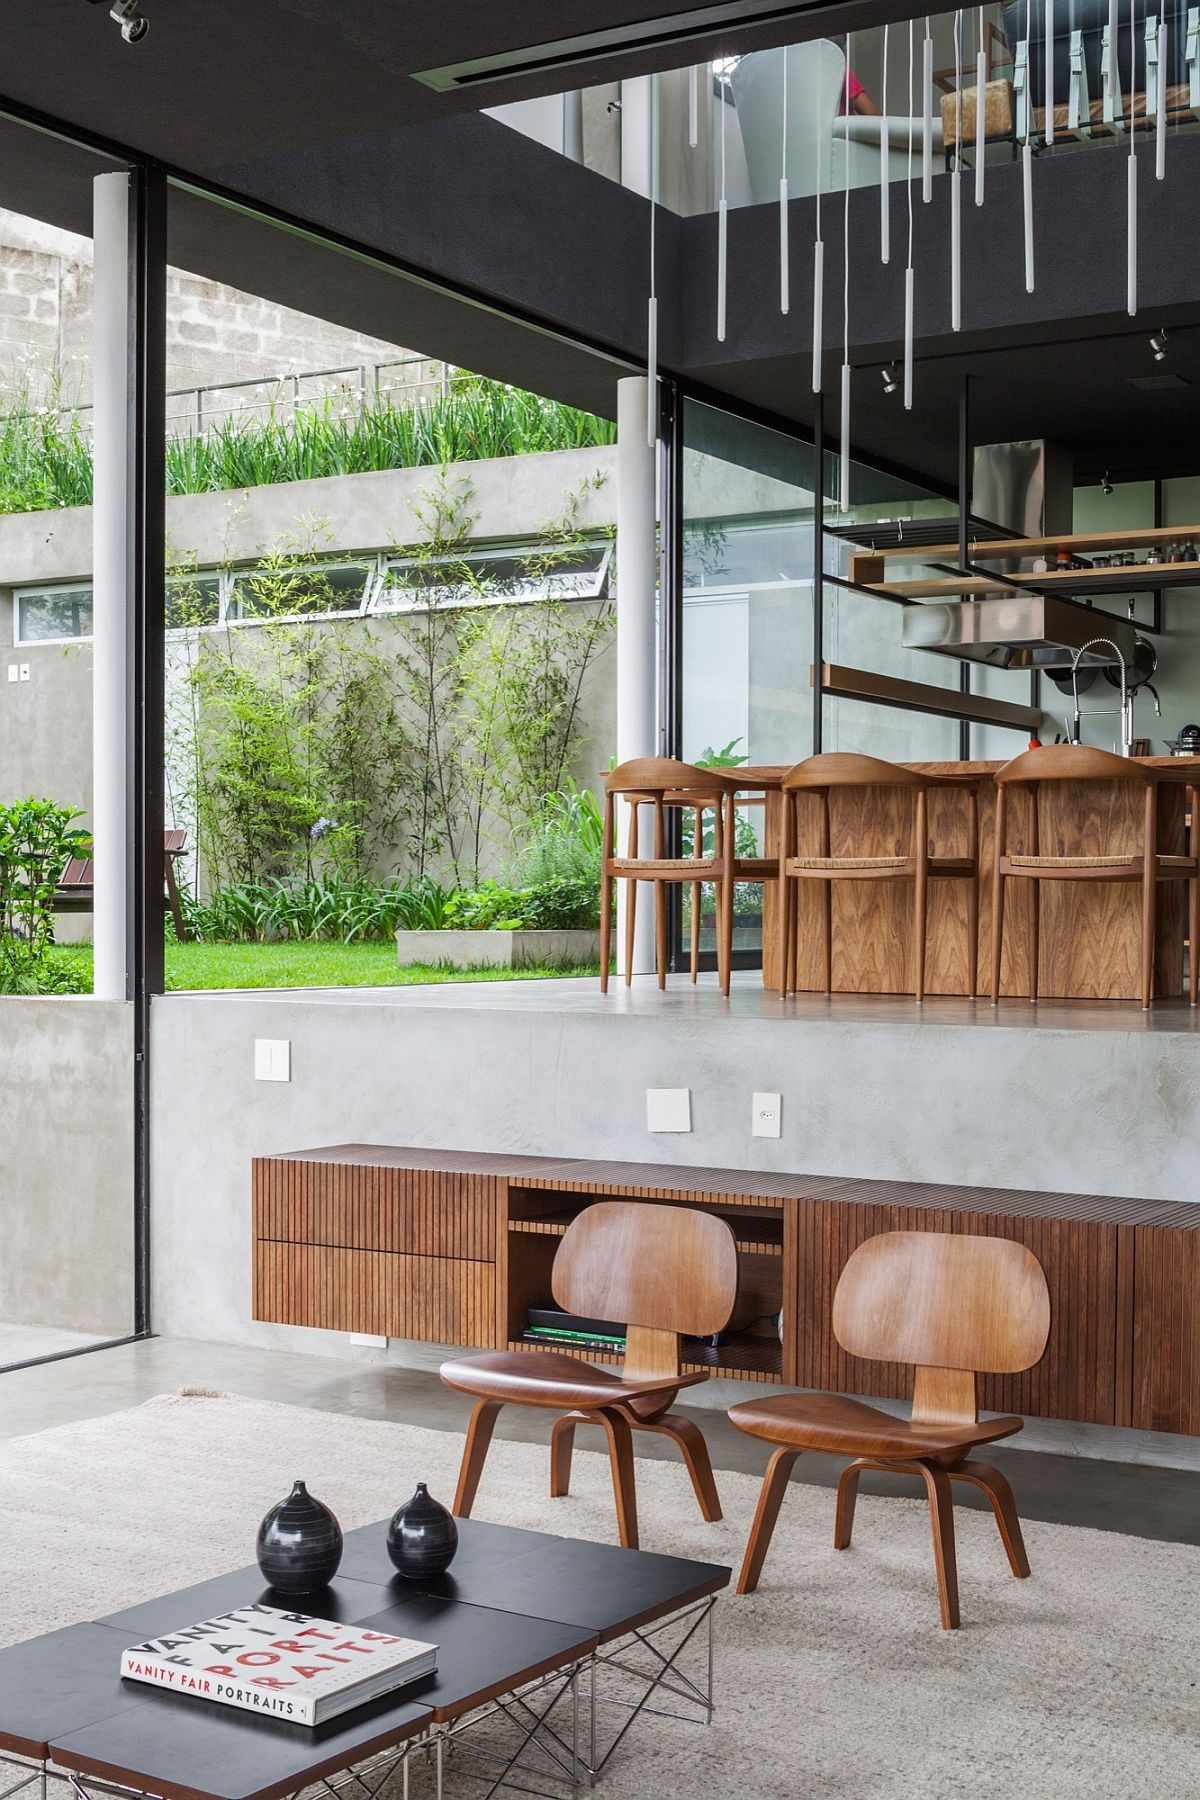 Multi-level-interior-of-the-Brazilian-home